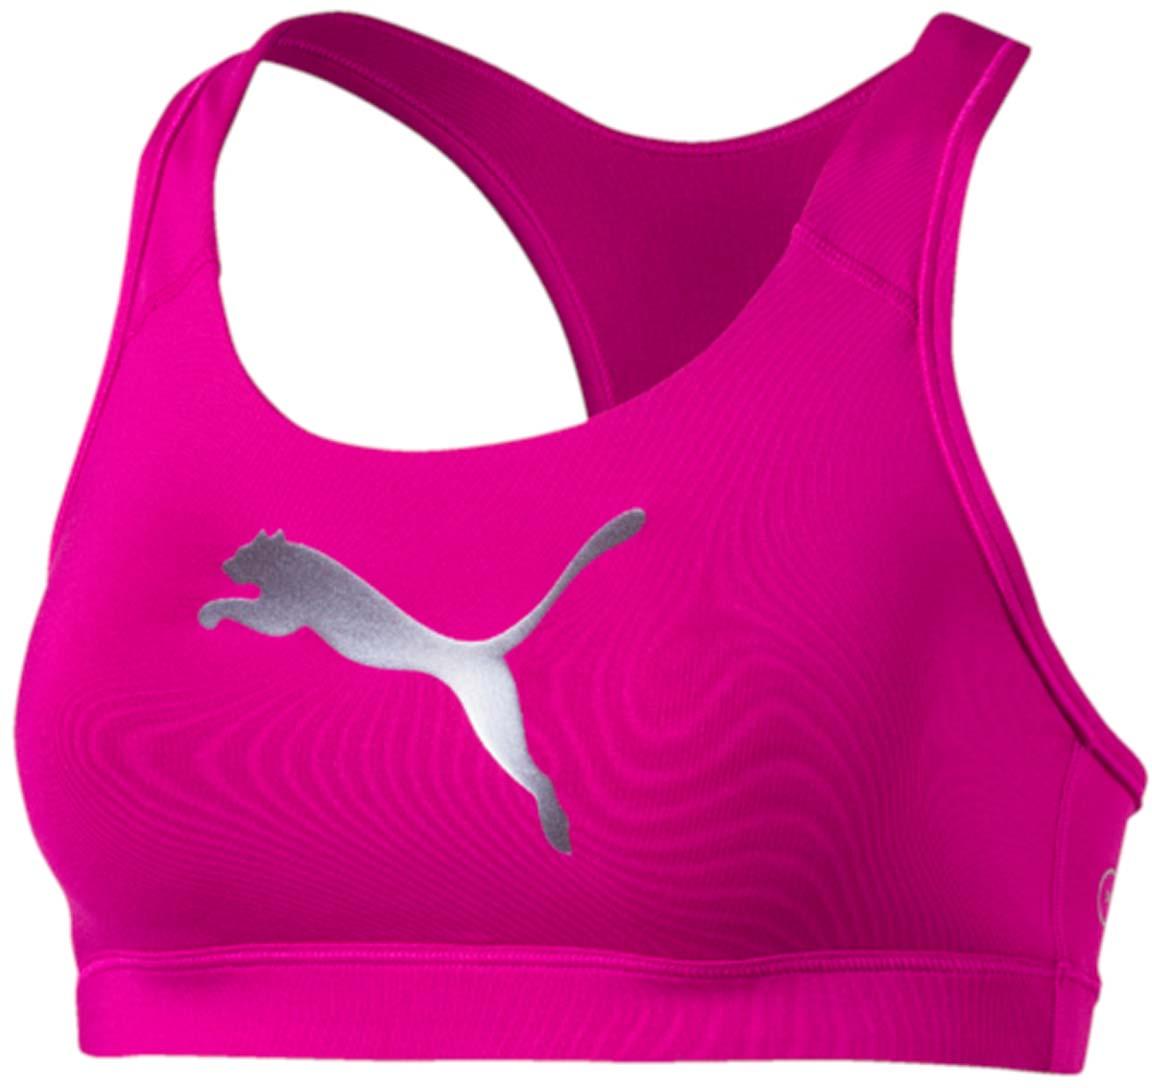 Топ-бра для фитнеса Puma PWRSHAPE Forever, цвет: розовый. 513965_29. Размер M (46)513965_29Этот спортивный бюстгальтер-топ станет вашей любимой моделью, потому что он - незаменимая часть вашего гардероба для занятий спортом и активного отдыха! Отличный дизайн обеспечивает универсальность, поэтому бюстгальтер можно надевать в тренажерный зал, на занятие всеми видами фитнеса, на пробежку. Дополнительные удобства создаются за счет использования высокофункциональной технологии dryCELL, которая отводит влагу, поддерживает тело сухим и гарантирует комфорт во время активных тренировок и занятий спортом. Наплечные лямки с мягкой подложкой, не перекрещивающиеся на спине, не натирают, не давят, а также обеспечивают полную свободу движений и удобство надевания изделия благодаря функциональному крою спины. Отделка низа сверхэластичным плотным материалом создает дополнительную поддержку. Бюстгальтер декорирован спереди логотипом PUMA из светоотражающего материала, нанесенным методом термопечати, благодаря которому вас лучше видно в темное время суток. На нижний край изделия методом термопечати нанесен логотип dryCELL. Модель подходит для всех видов физической активности.